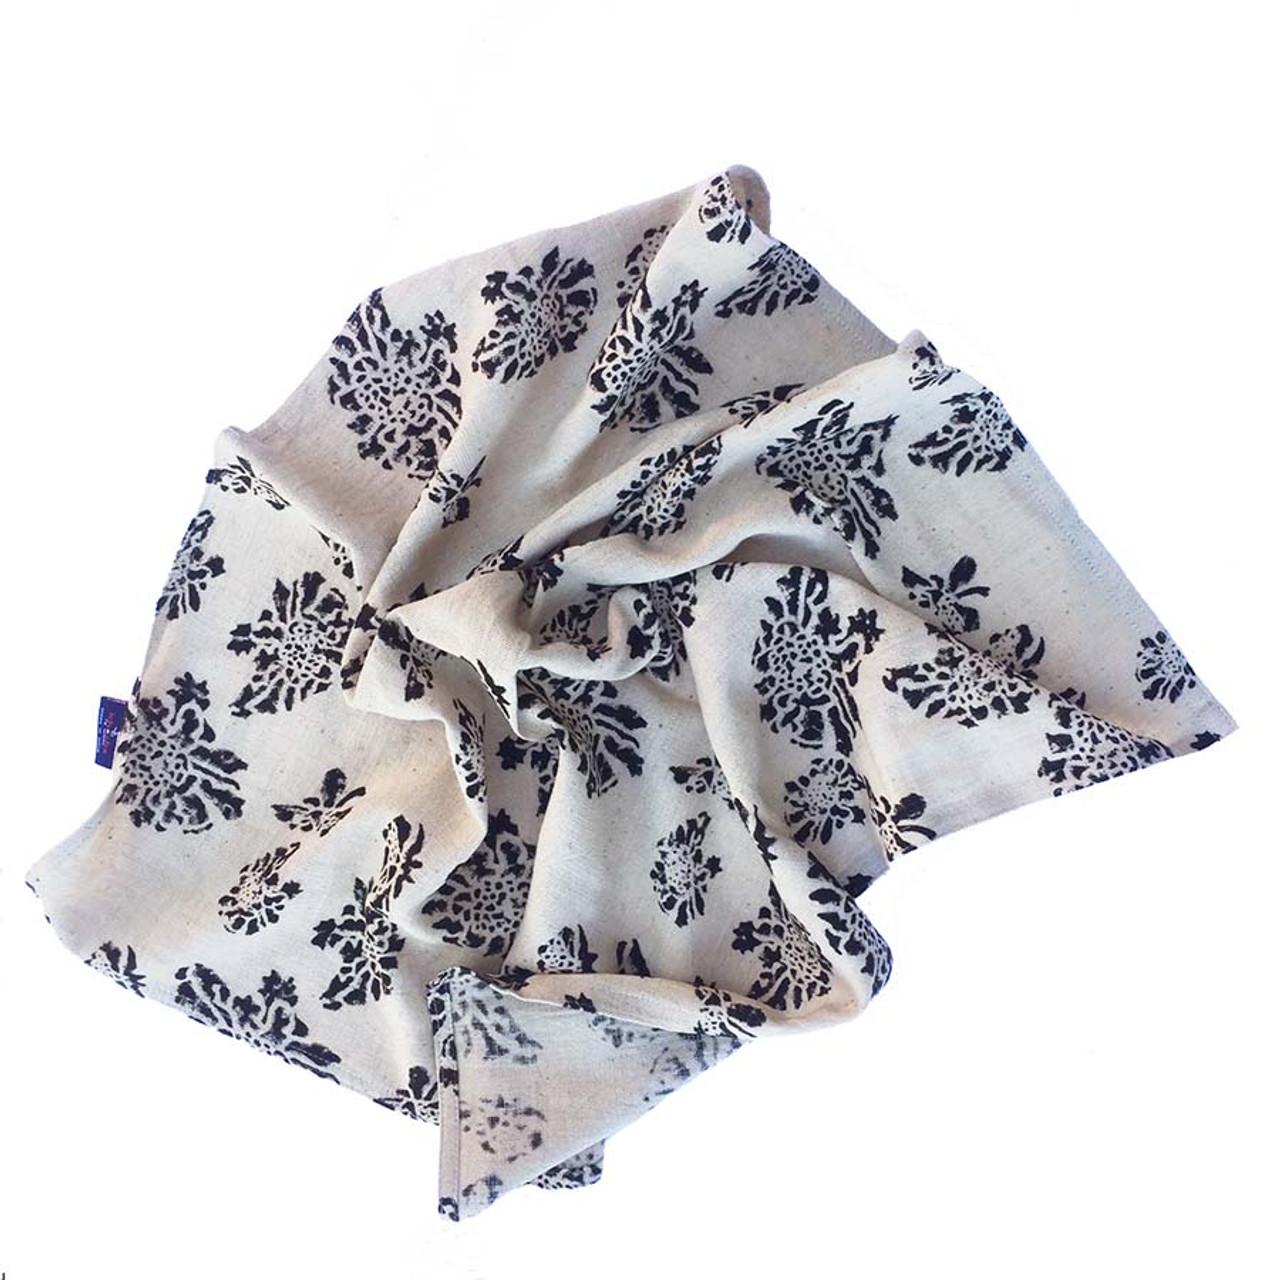 Beige flower napkins